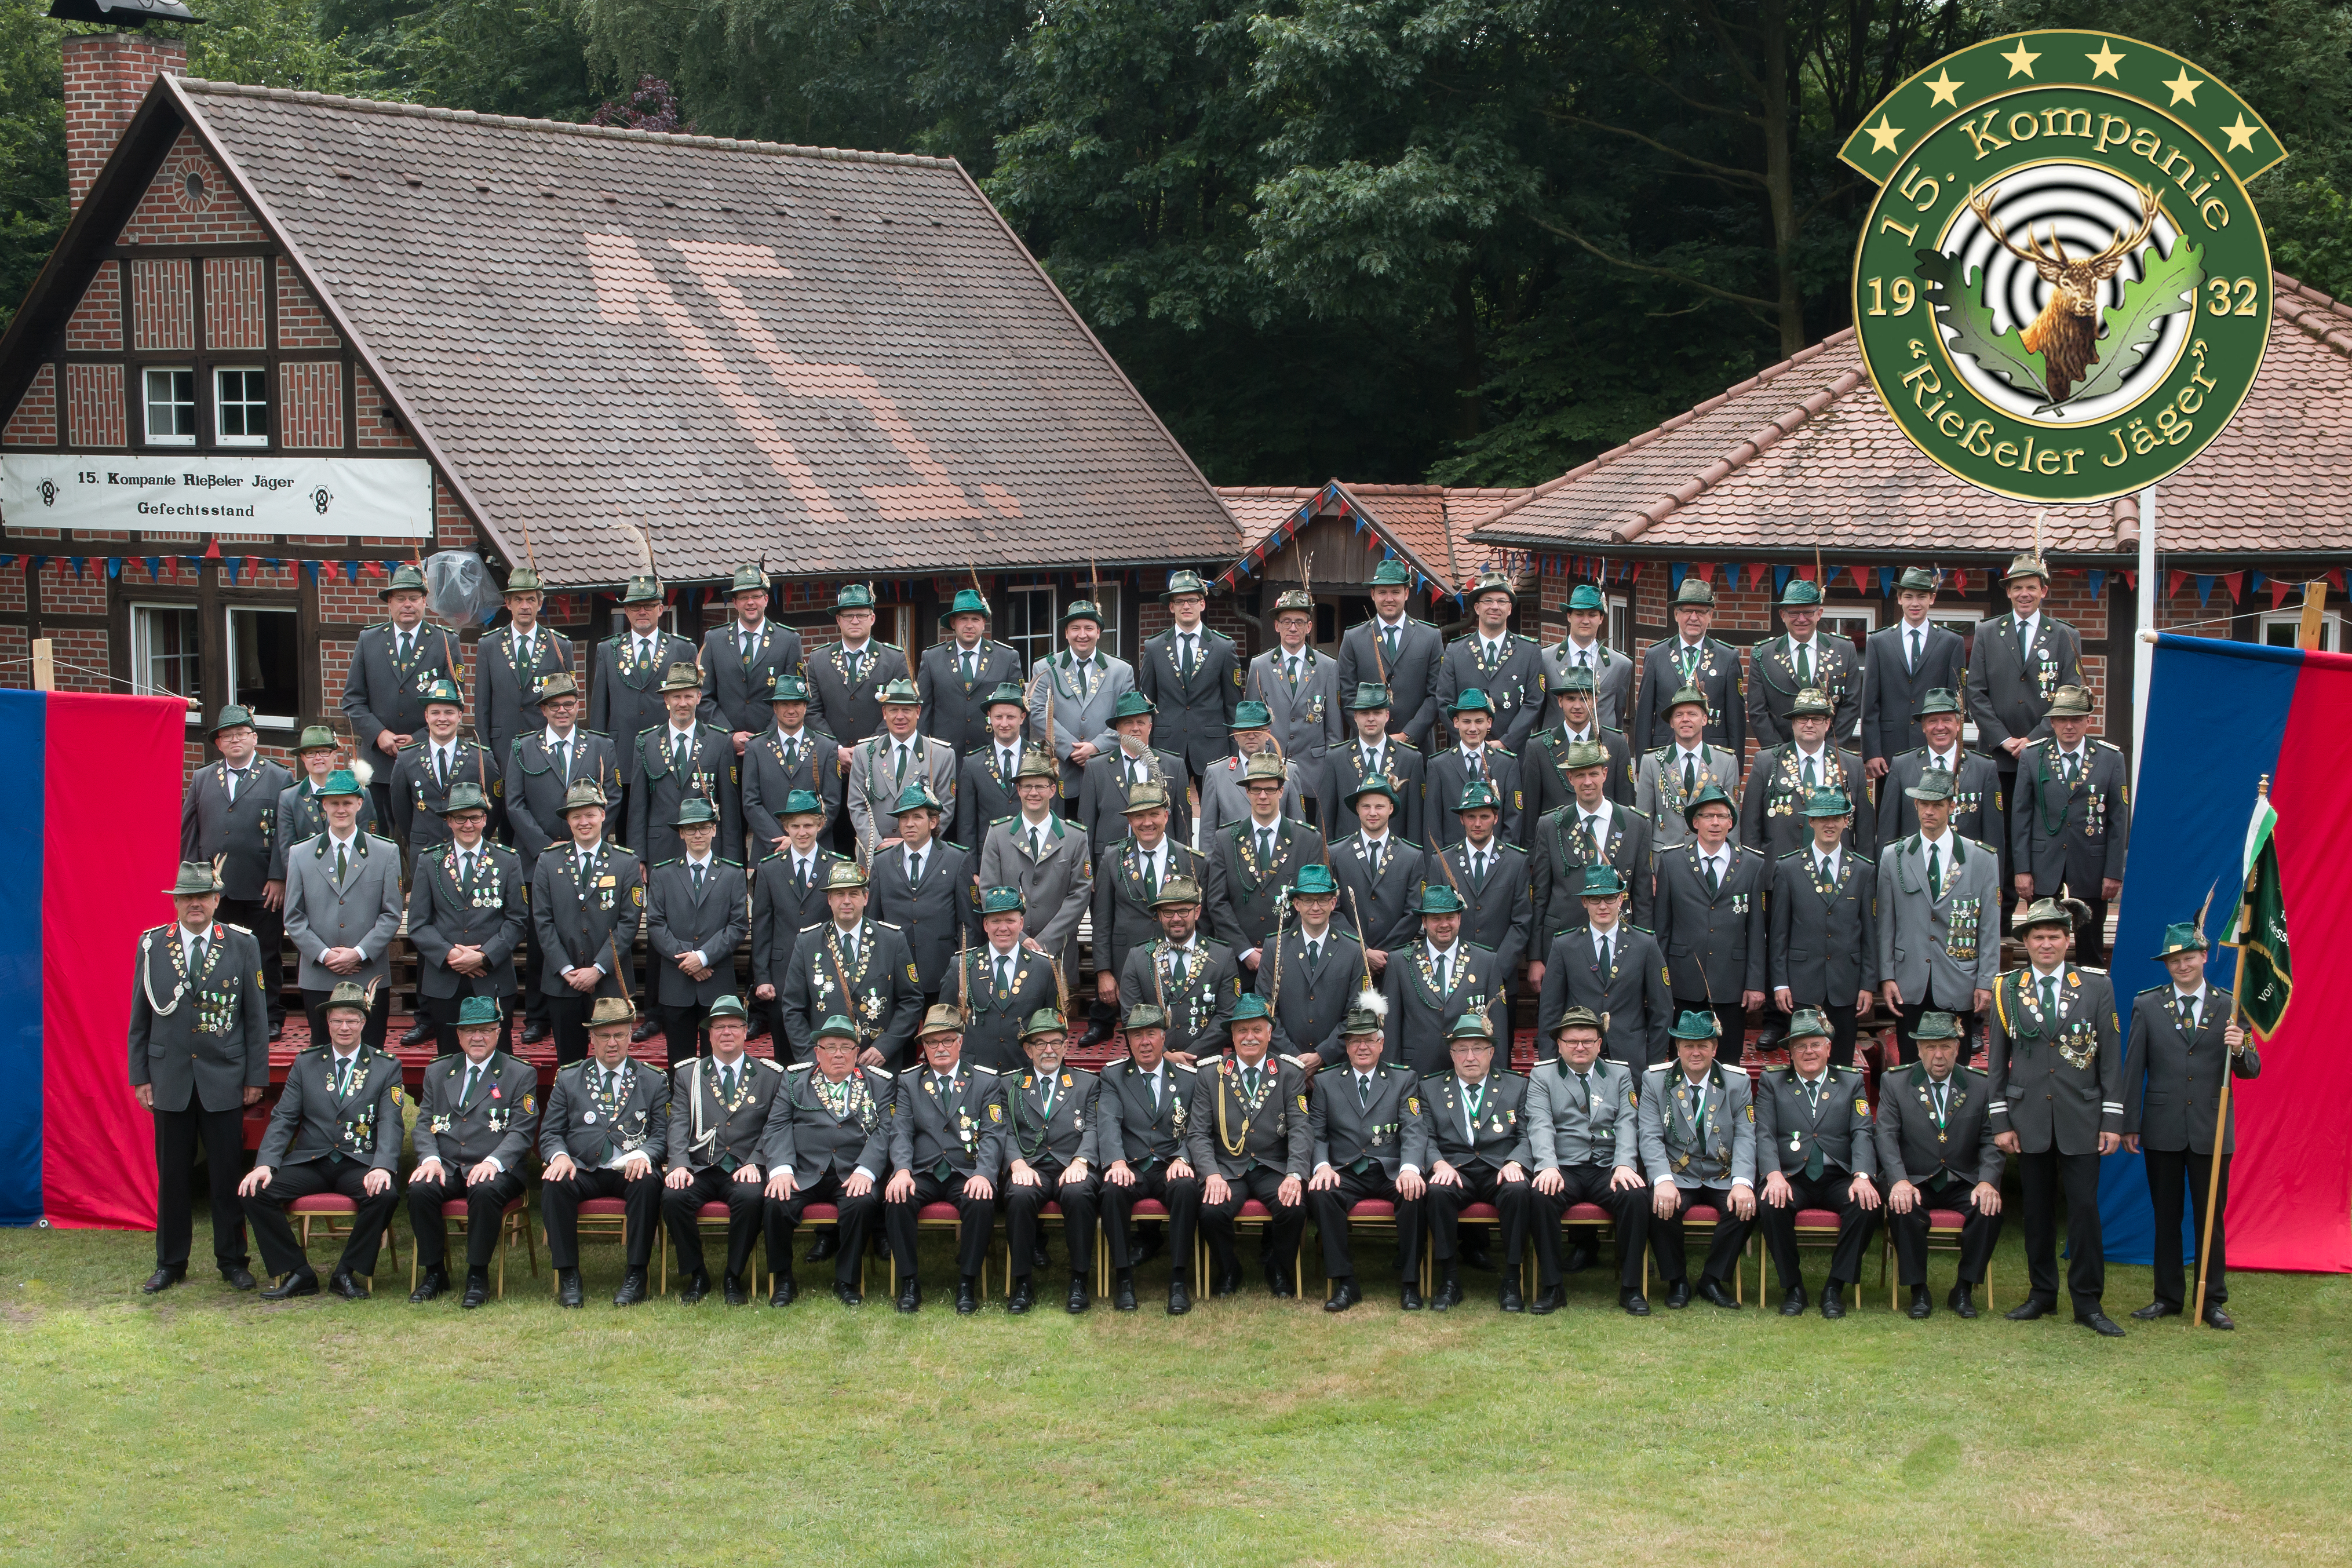 15. Kompanie